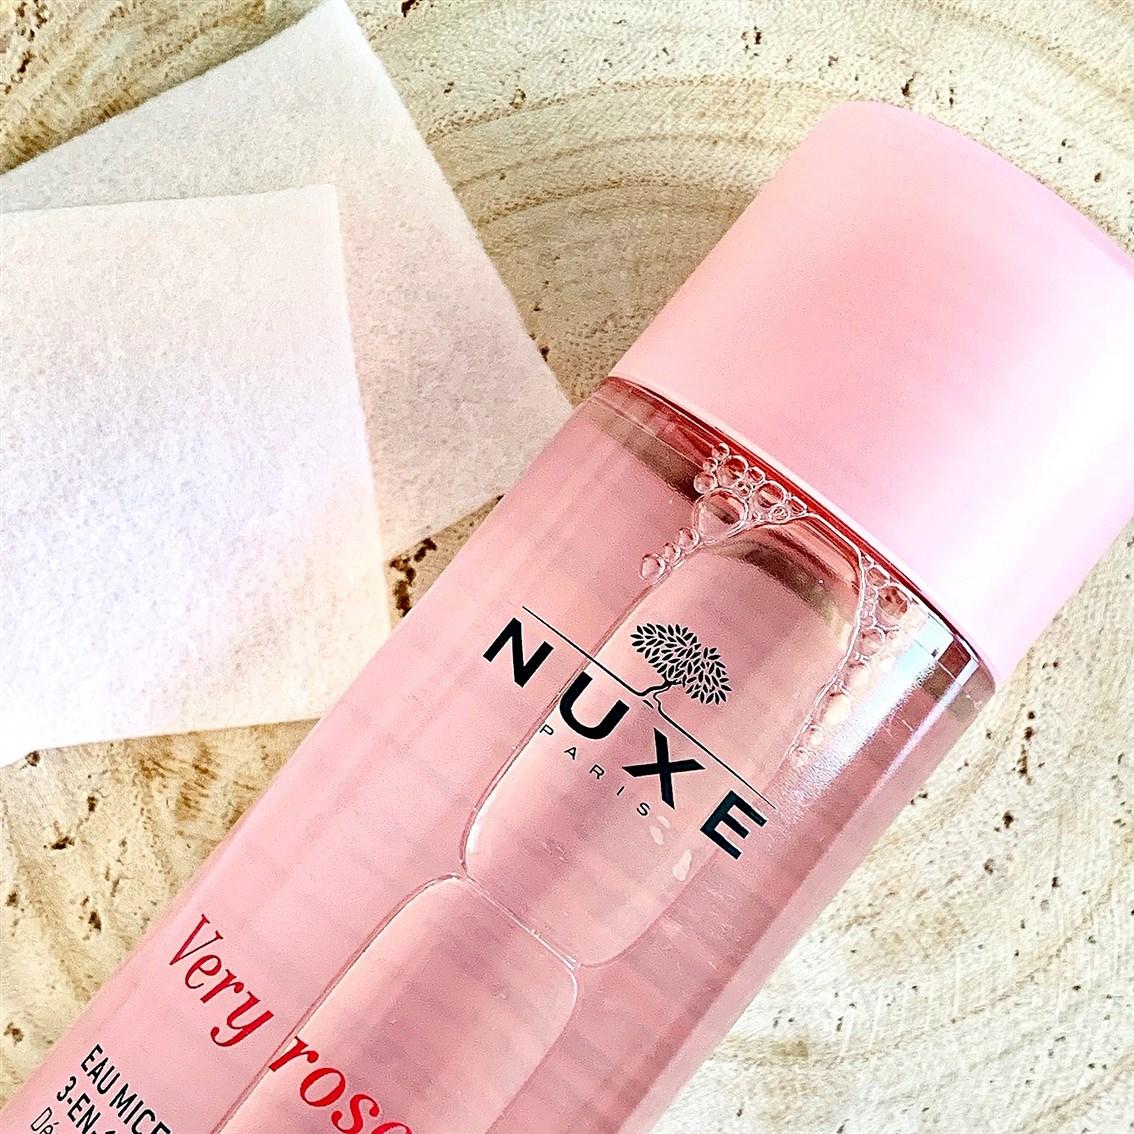 Nuxe Very Rose Łagodząca woda micelarna 3w1